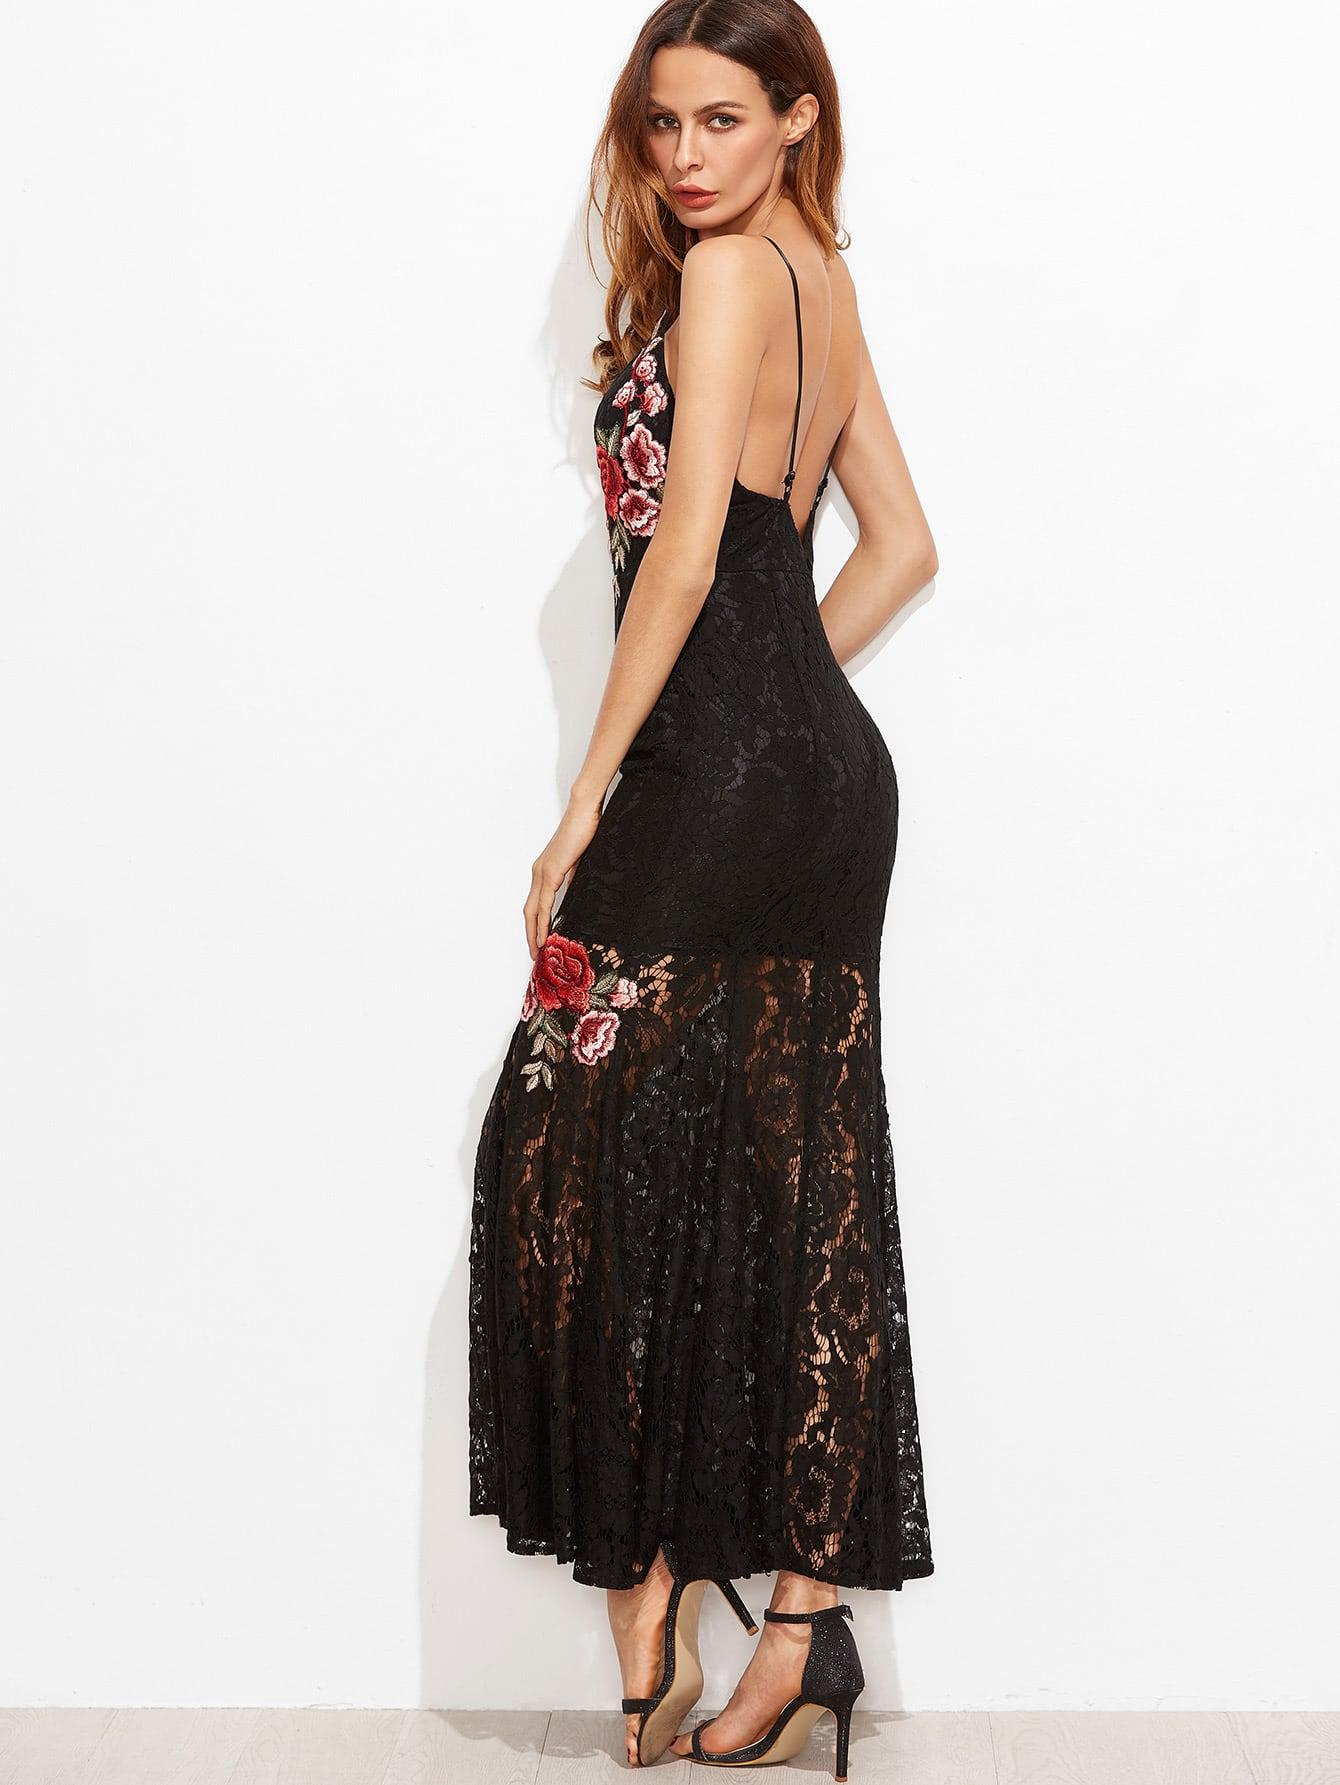 dress161202742_2